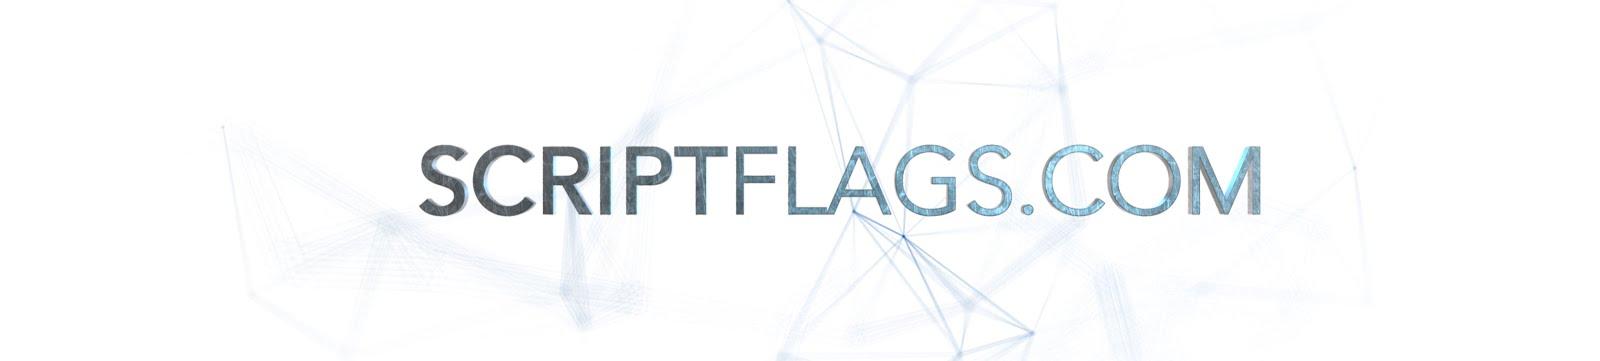 Scriptflags.com